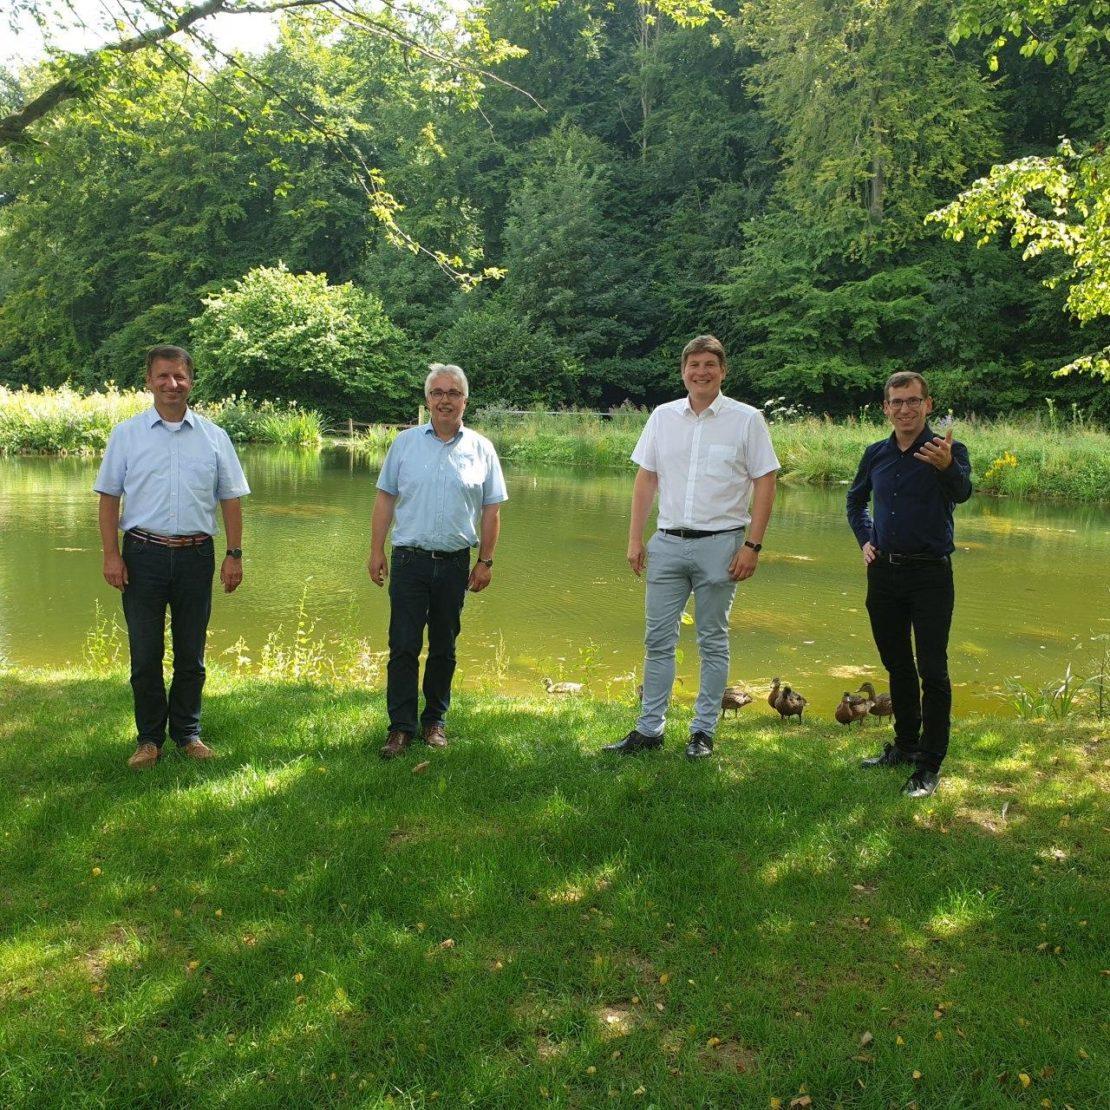 v.l.n.r.: Landratskandidat Michael Stickeln, die Bürgermeisterkandidaten Norbert Hofnagel, Nicolas Aisch und Tobias Scherf